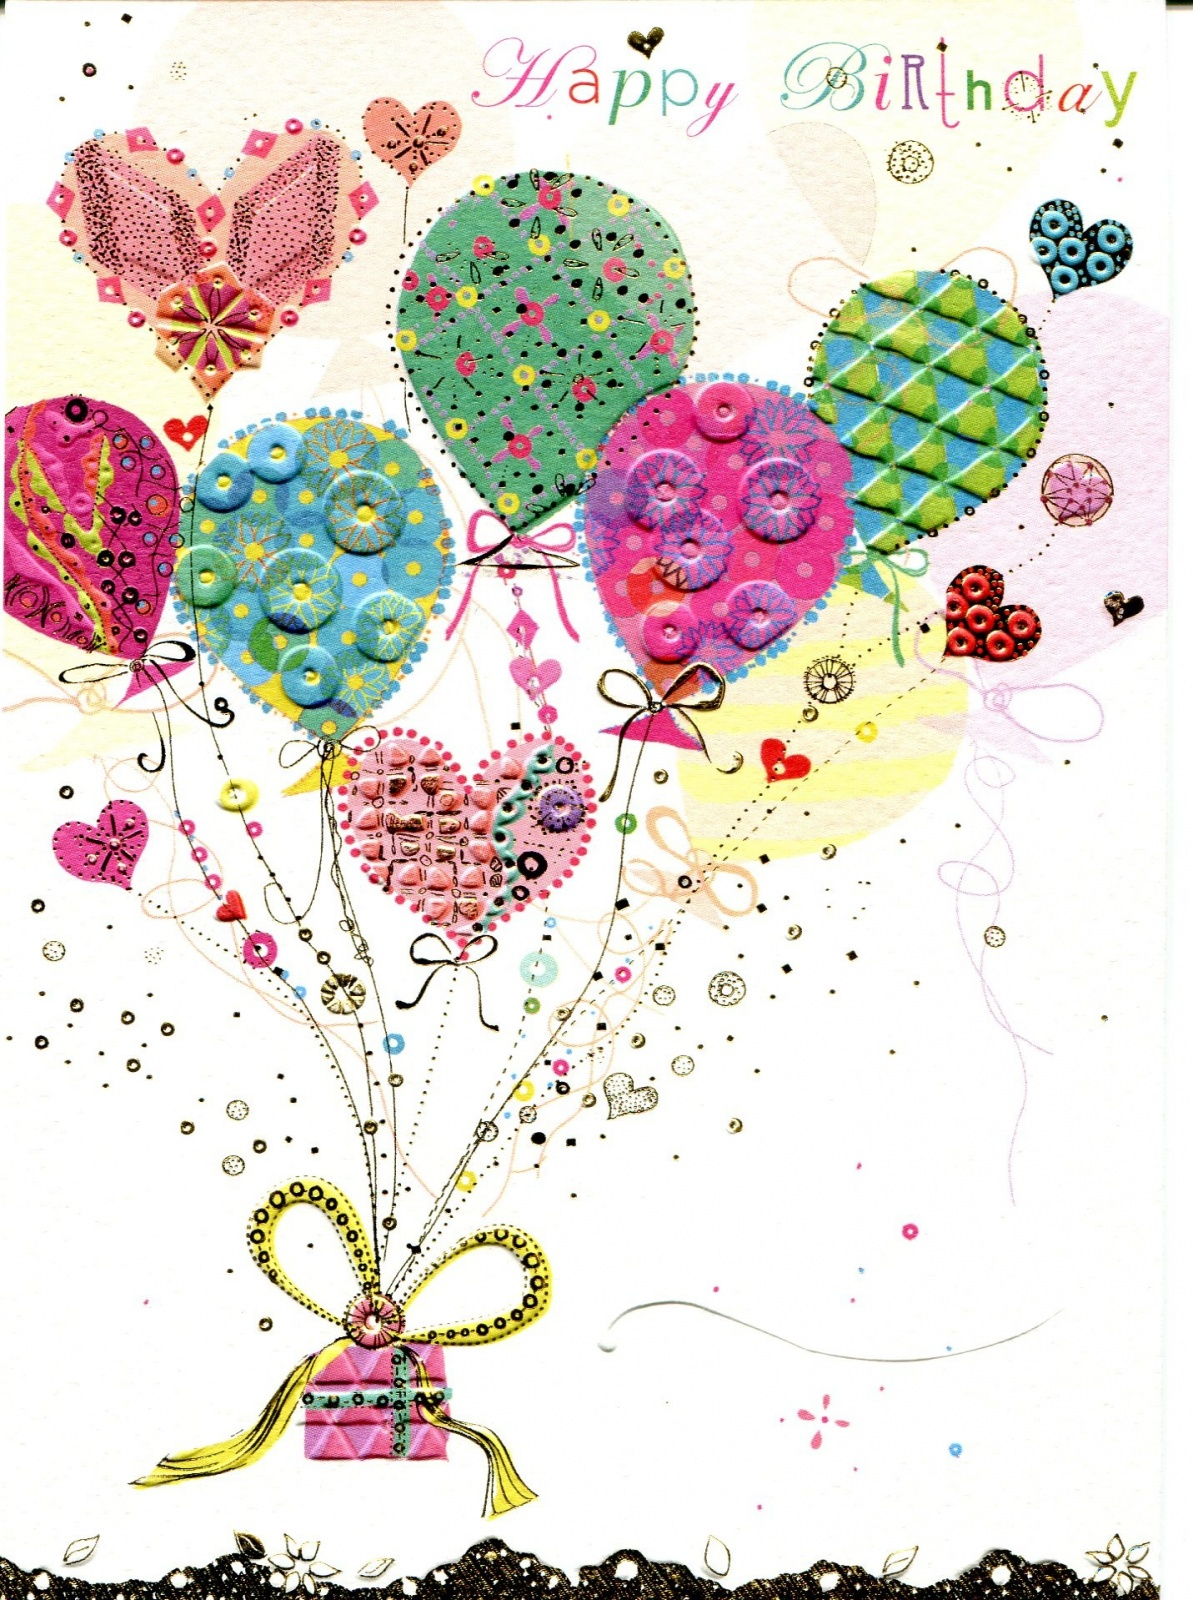 Рисунки на открытках в день рождения, открытки своими руками